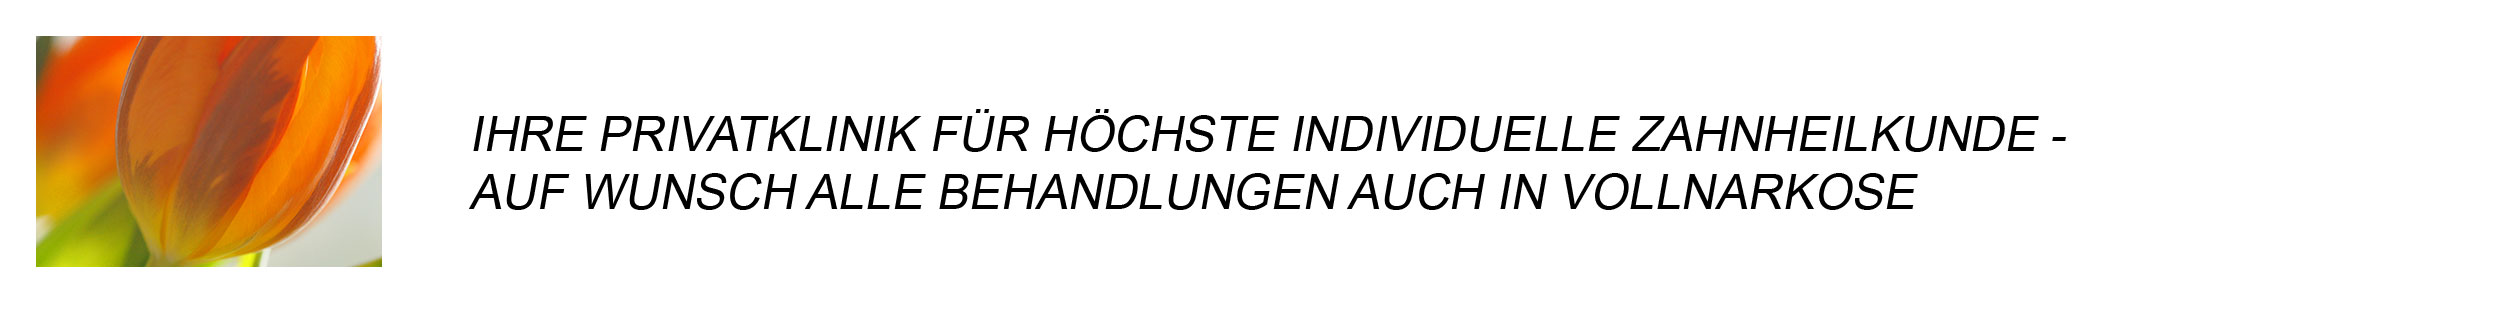 Zahnklinik logo